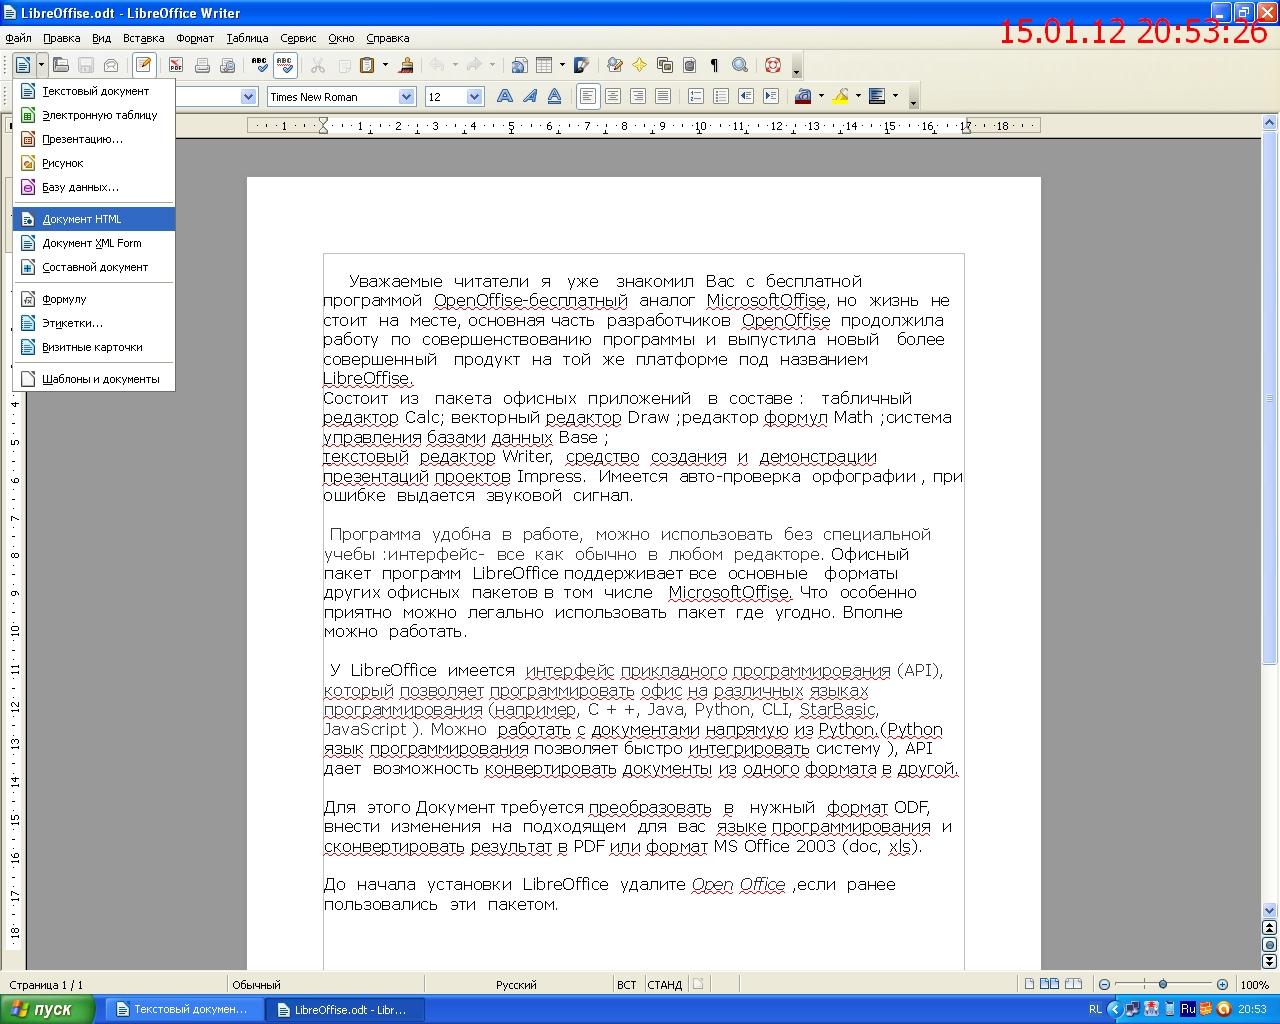 Скачать бесплатно программу для редактирования документов